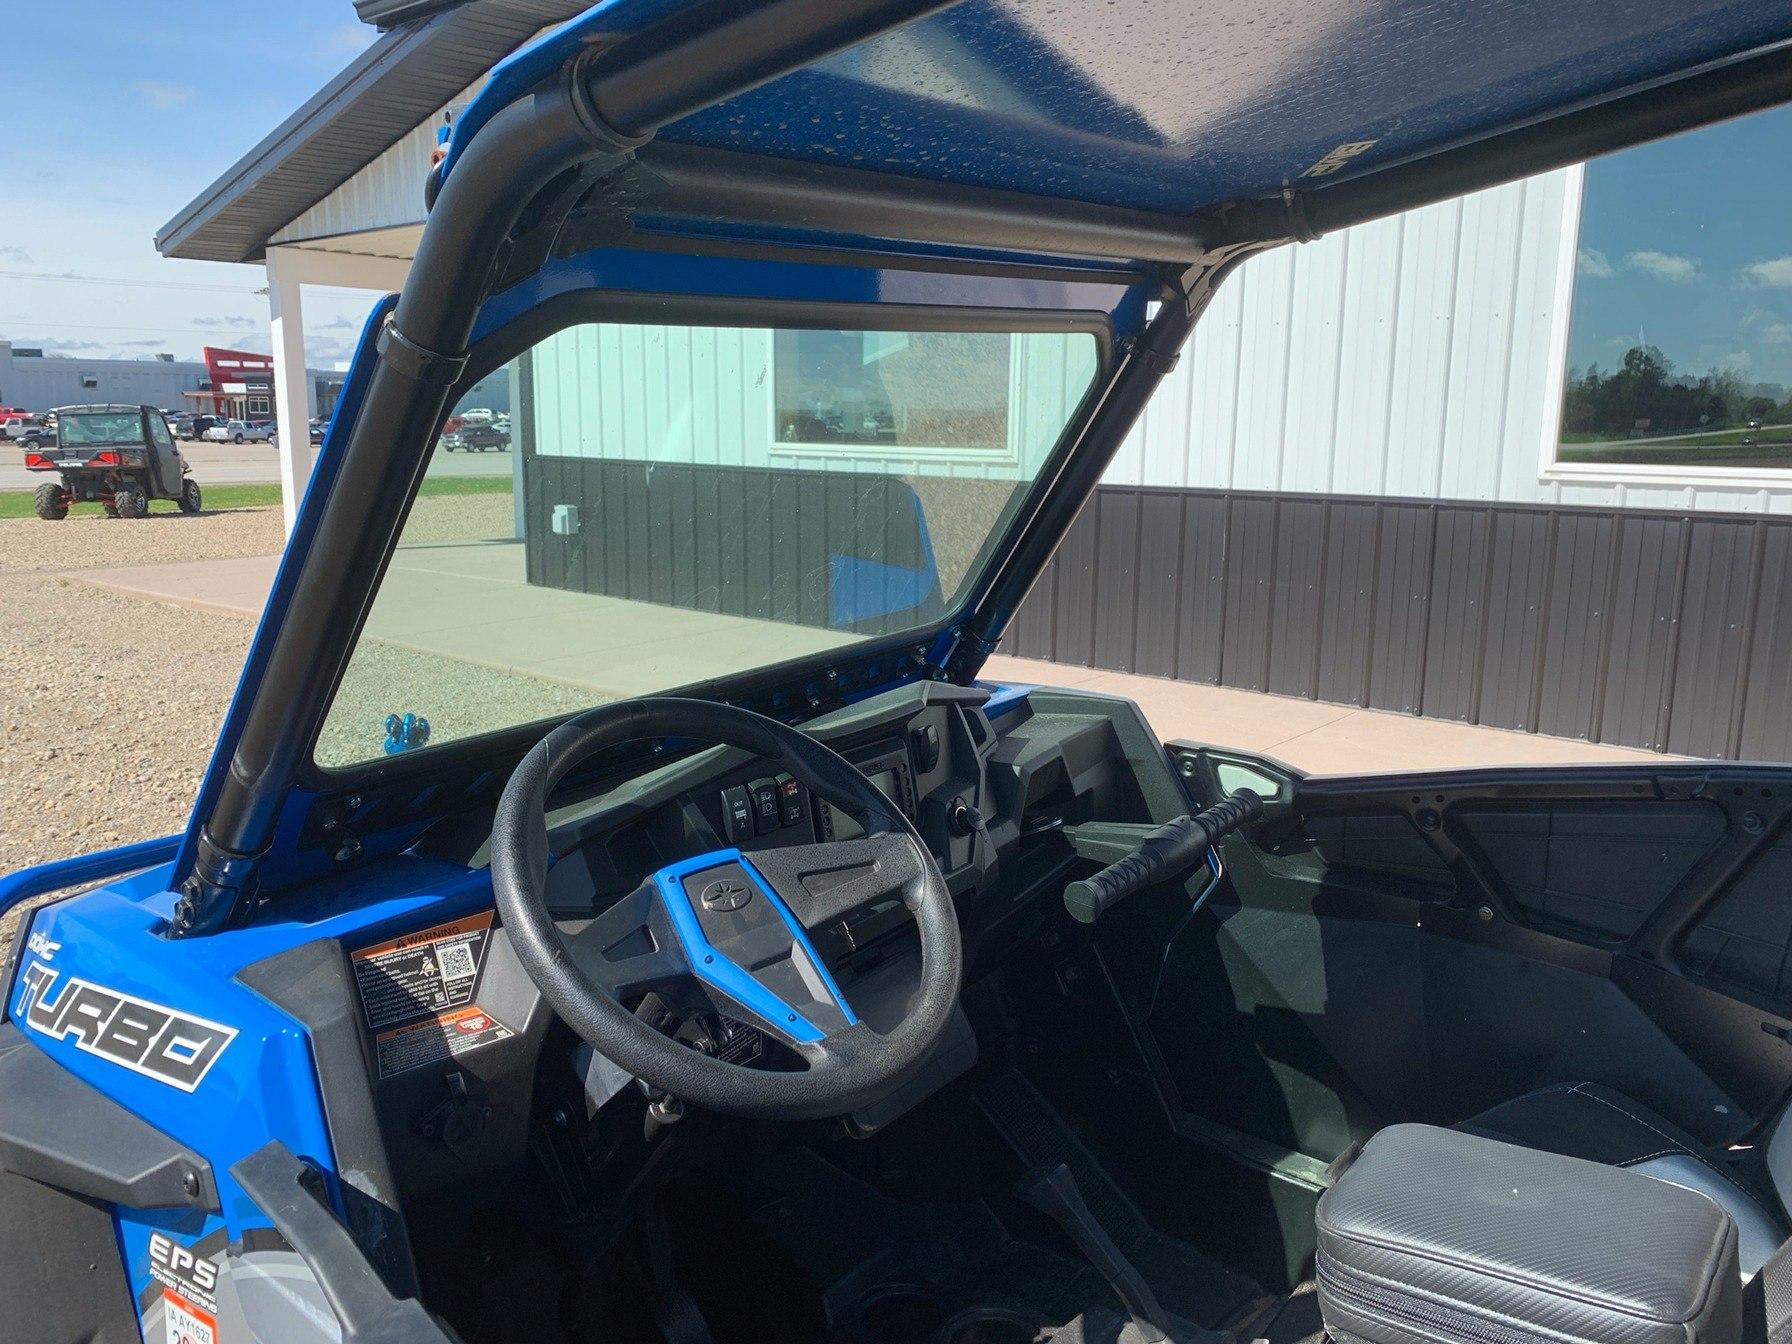 2018 Polaris RZR XP 4 Turbo EPS in Algona, Iowa